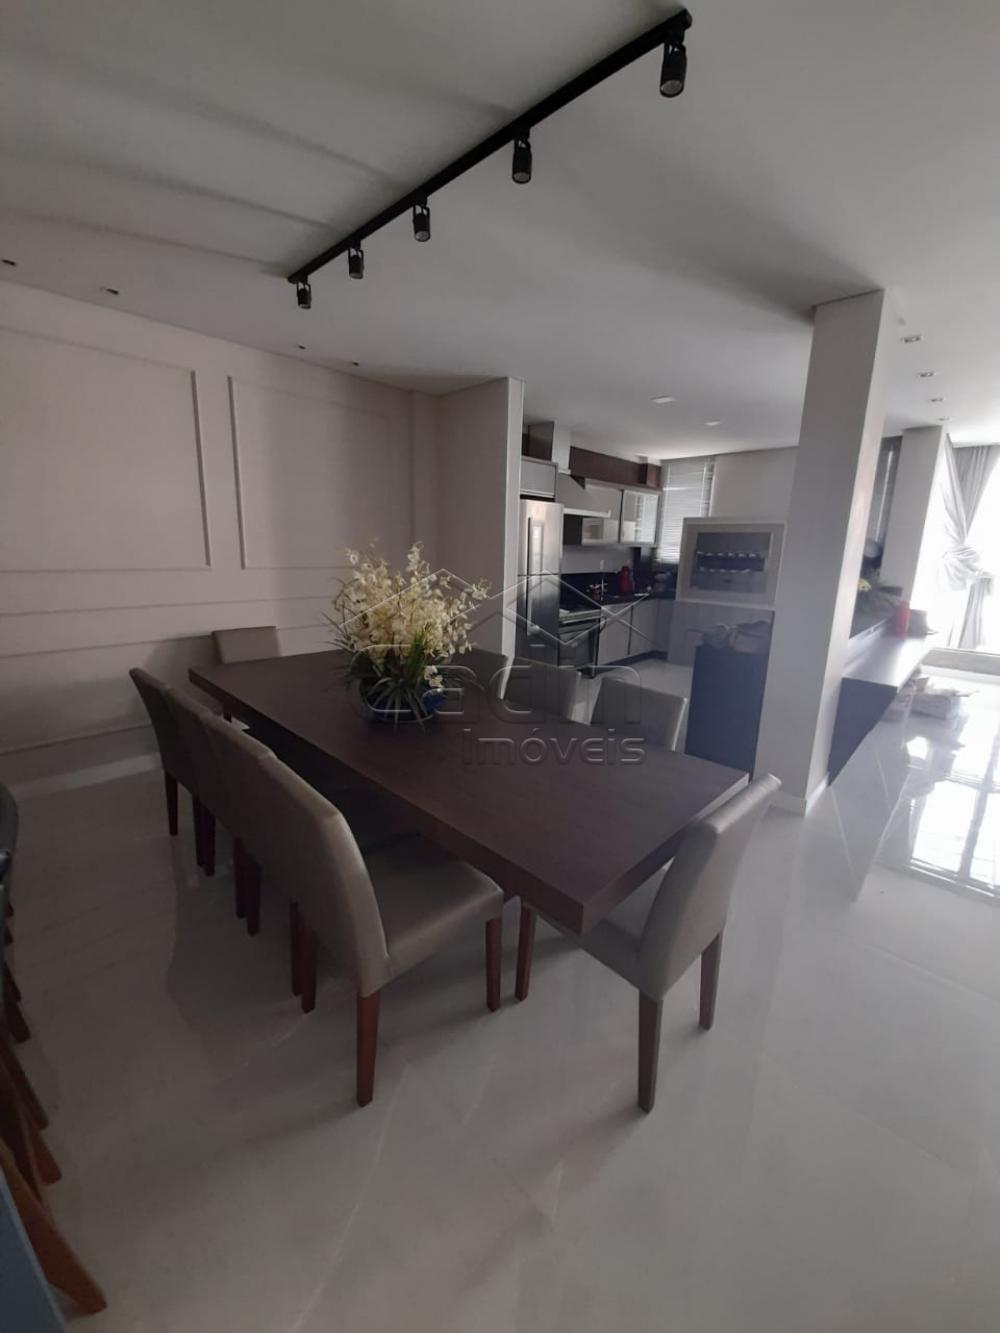 Comprar Apartamento / Padrão em Navegantes R$ 630.000,00 - Foto 12